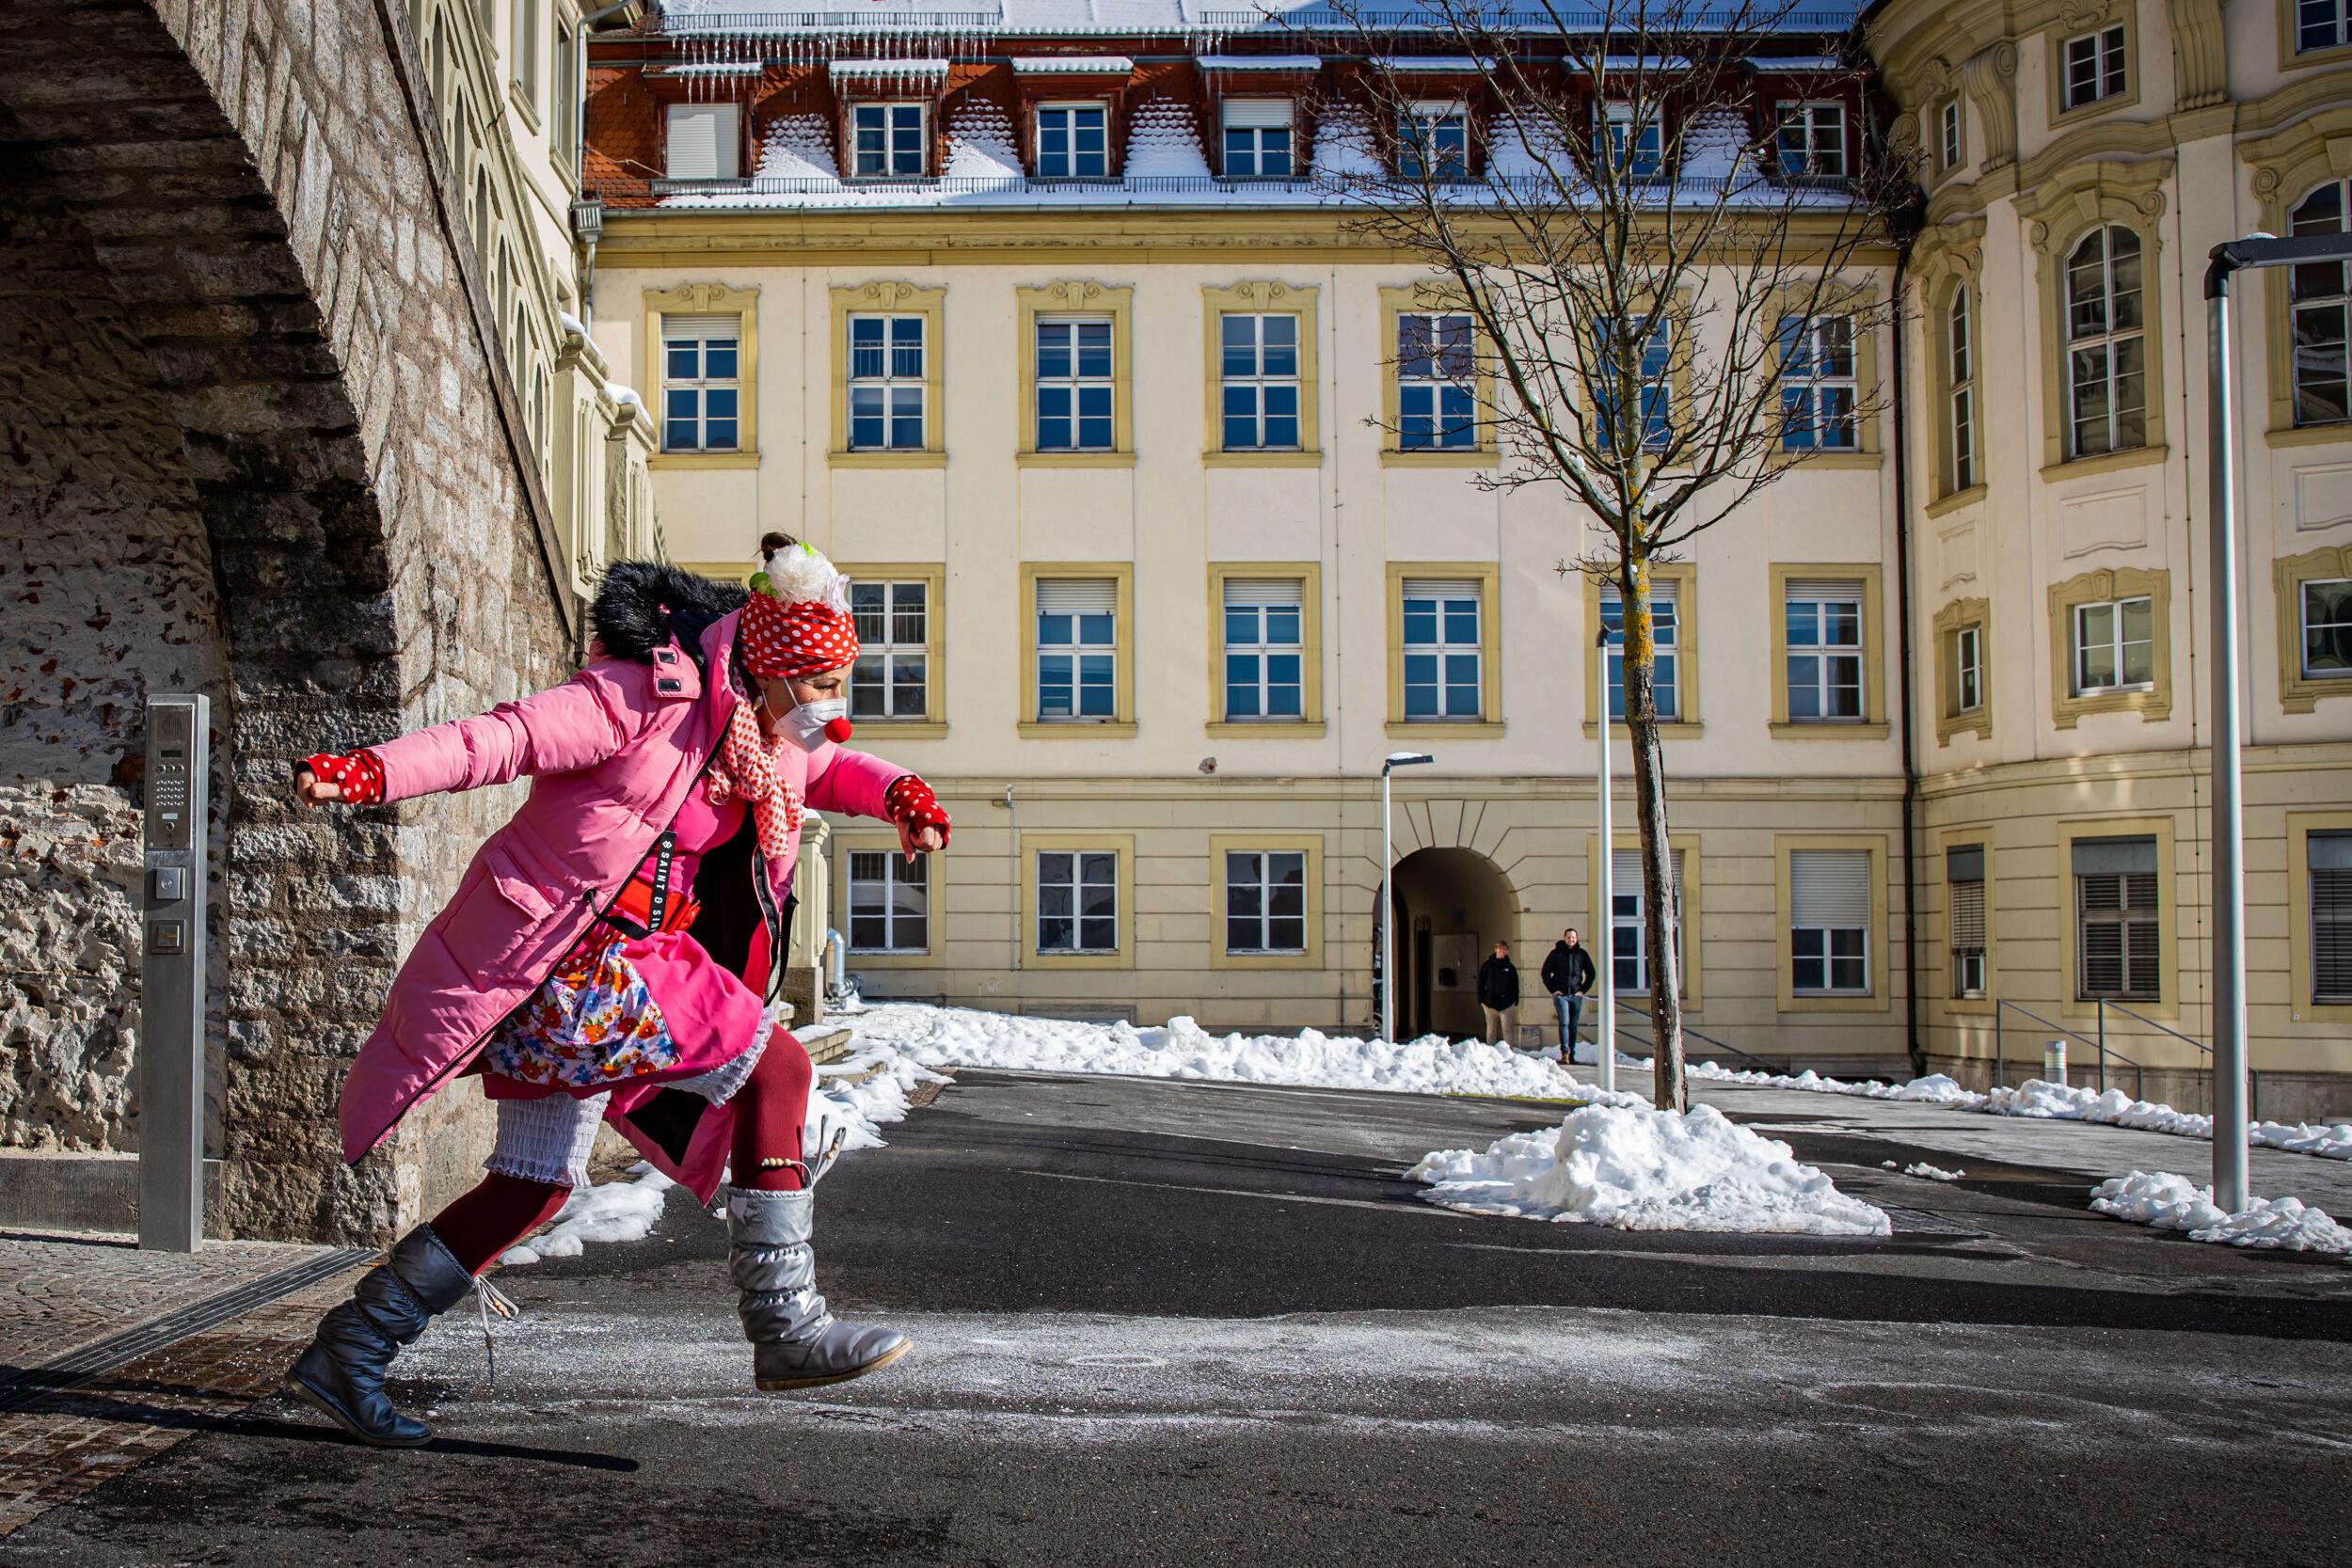 Lachtraenen_2021_Wuerzburg by Dita Vollmond